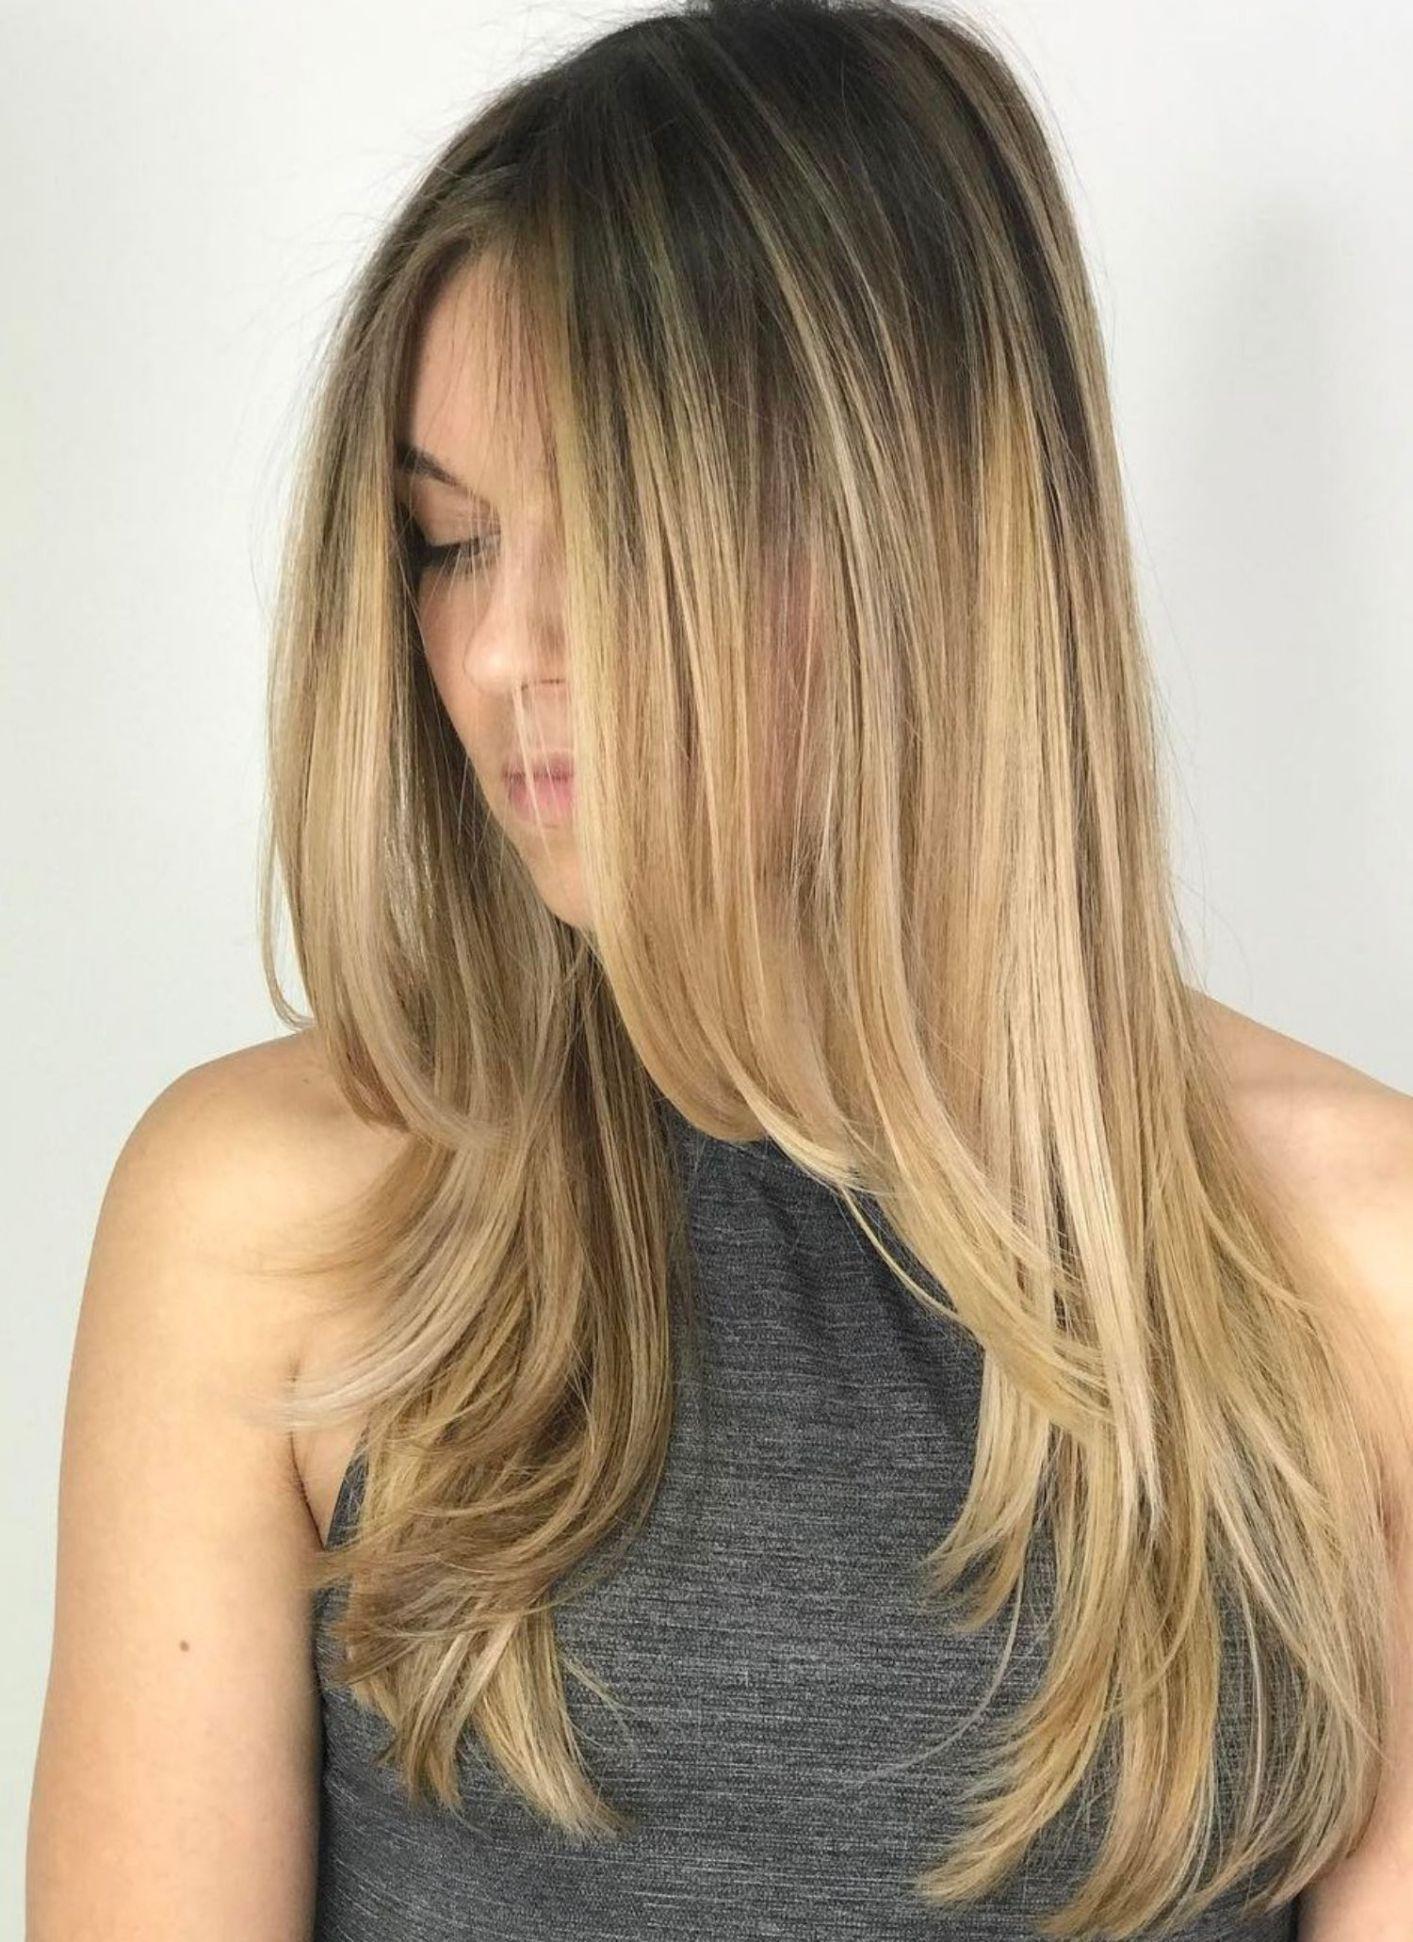 стрижки на длинные волосы 2020 фото 4